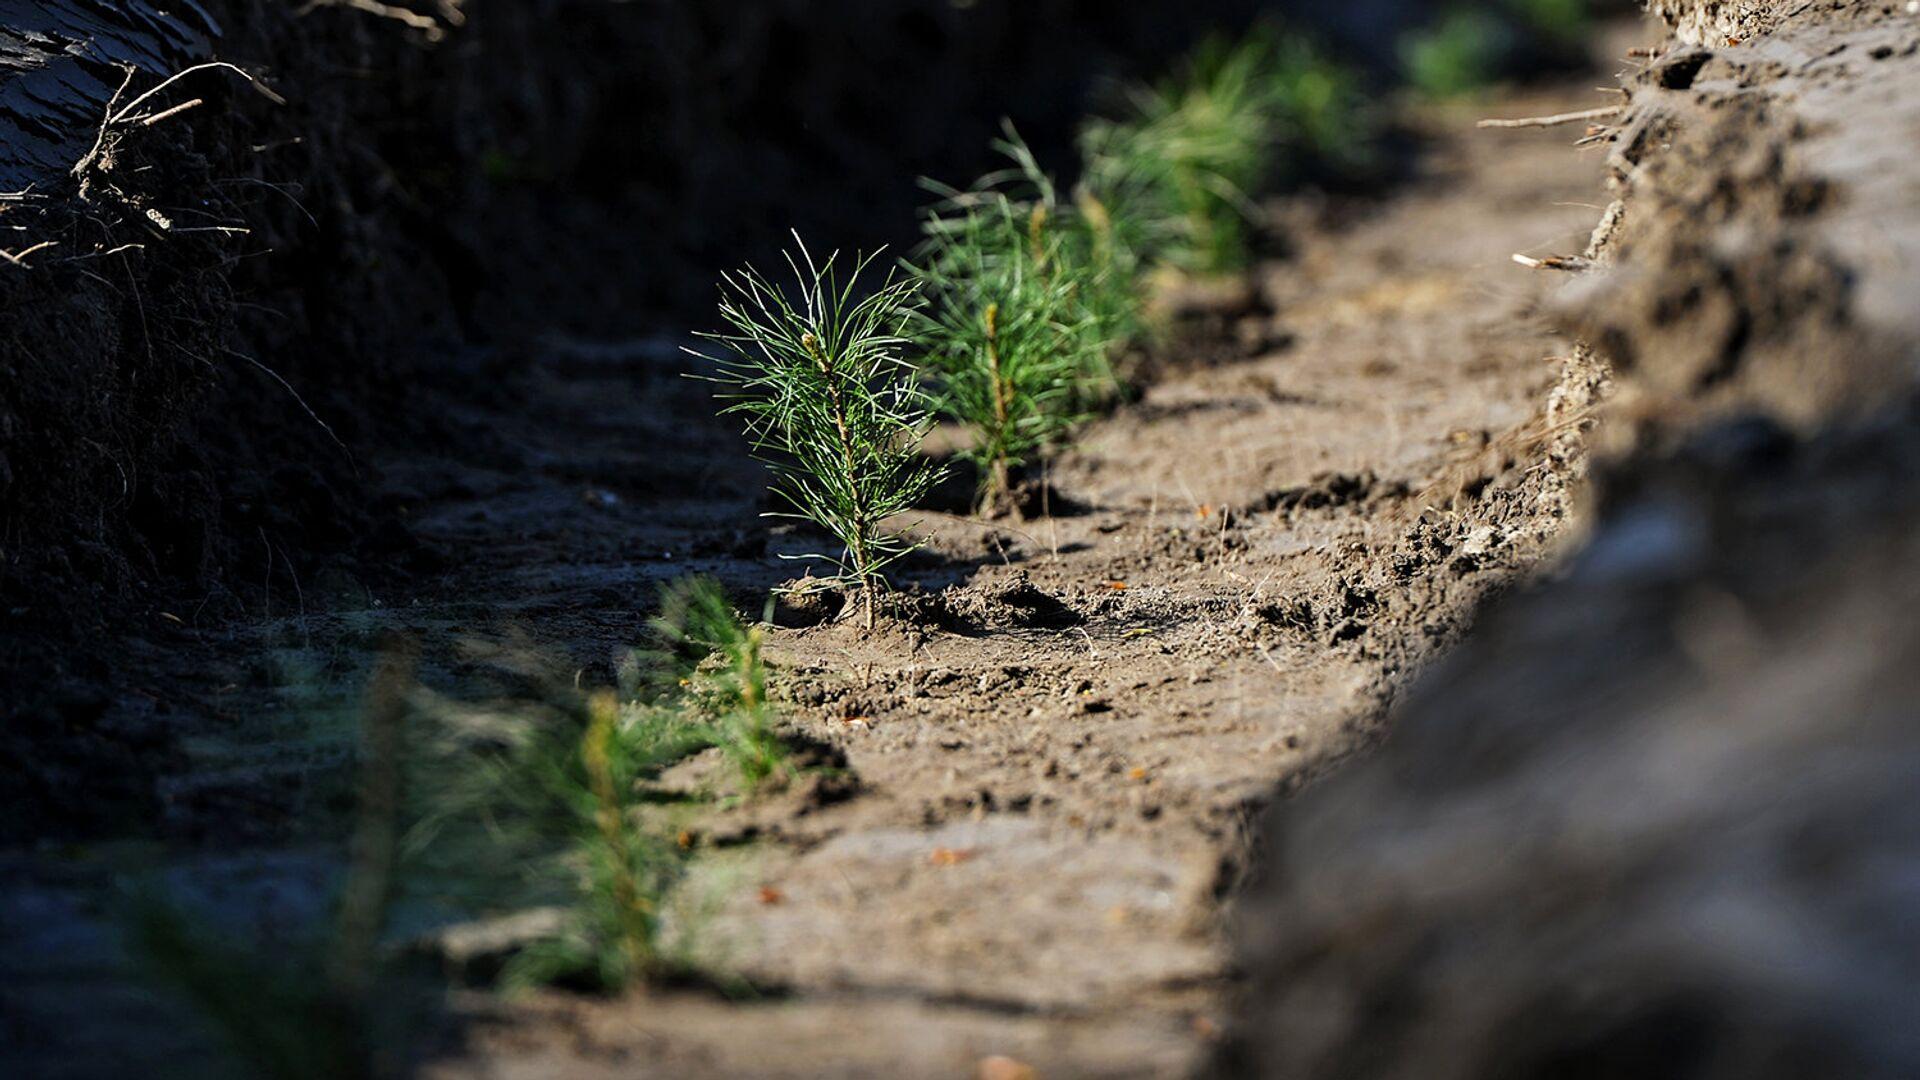 Более 4 тысяч деревьев высадили в Волго-Ахтубинской пойме - РИА Новости, 1920, 21.07.2021